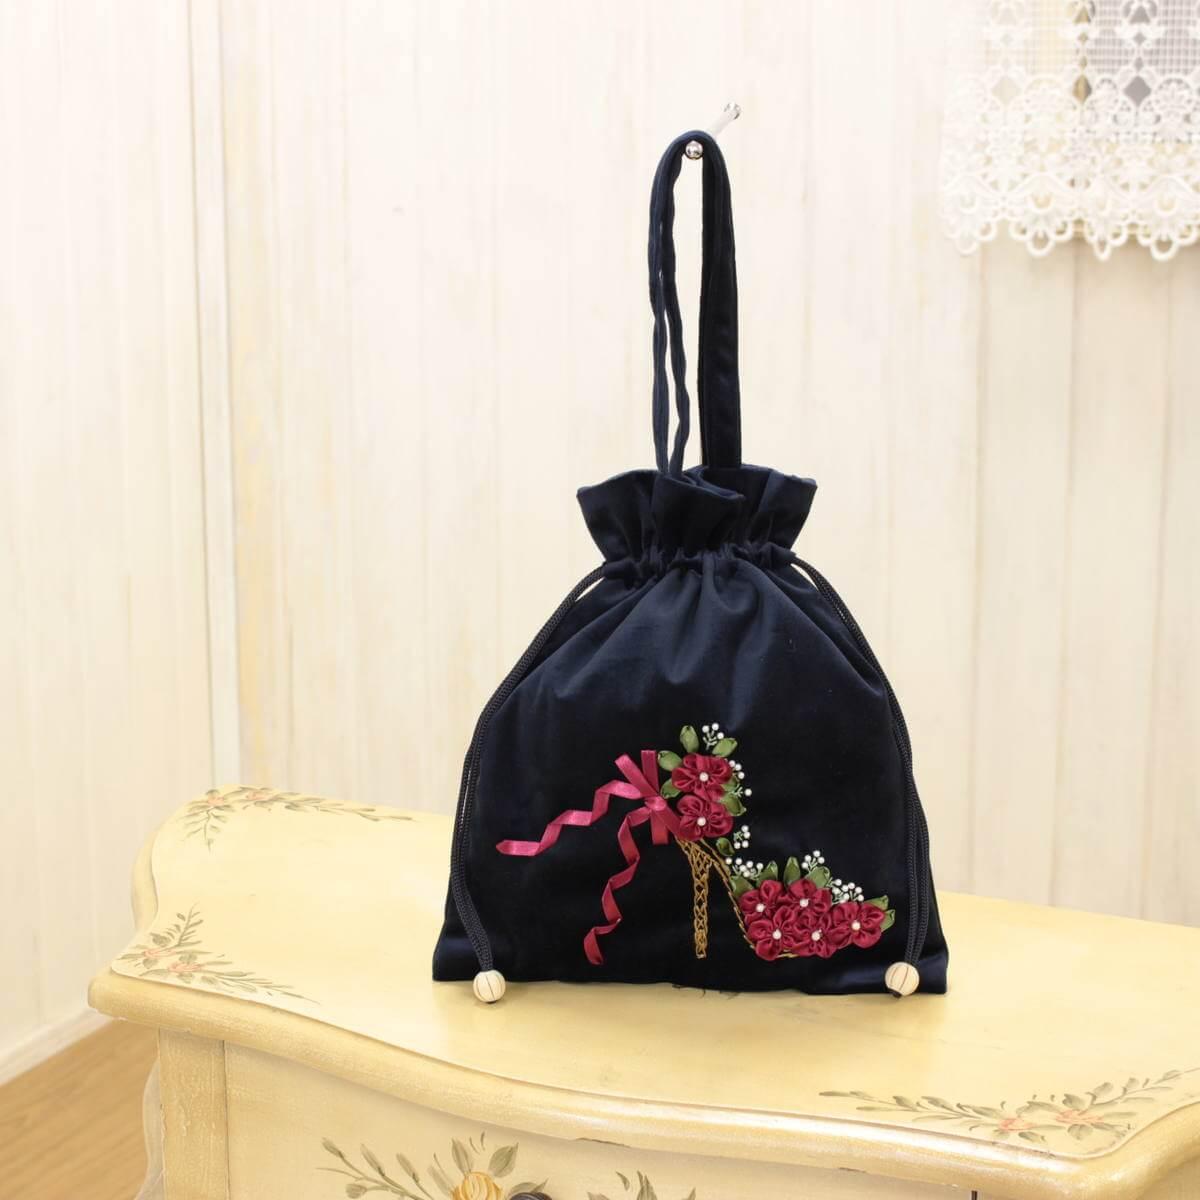 リボン刺しゅう シーナ シリーズの巾着バッグです。